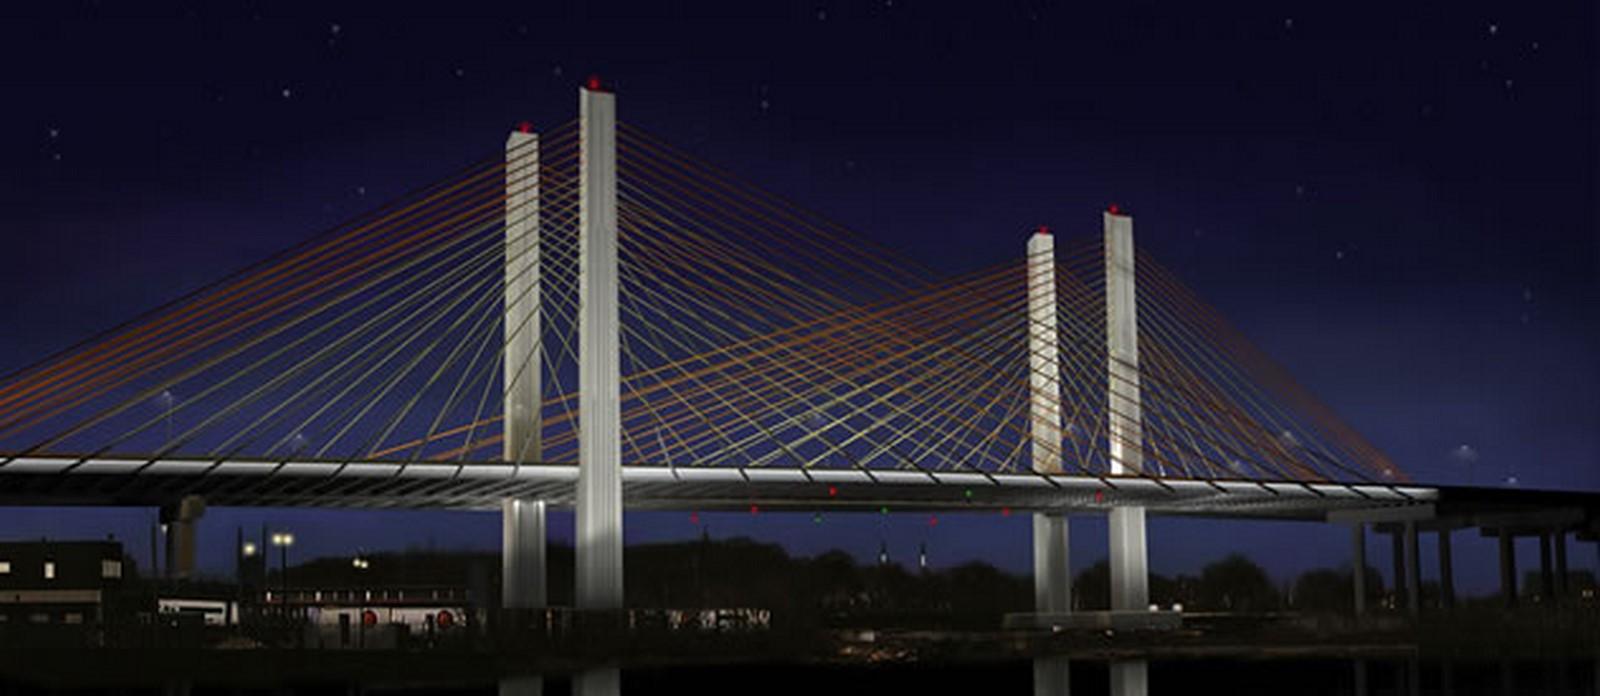 Kosciuszko Bridge - Sheet2